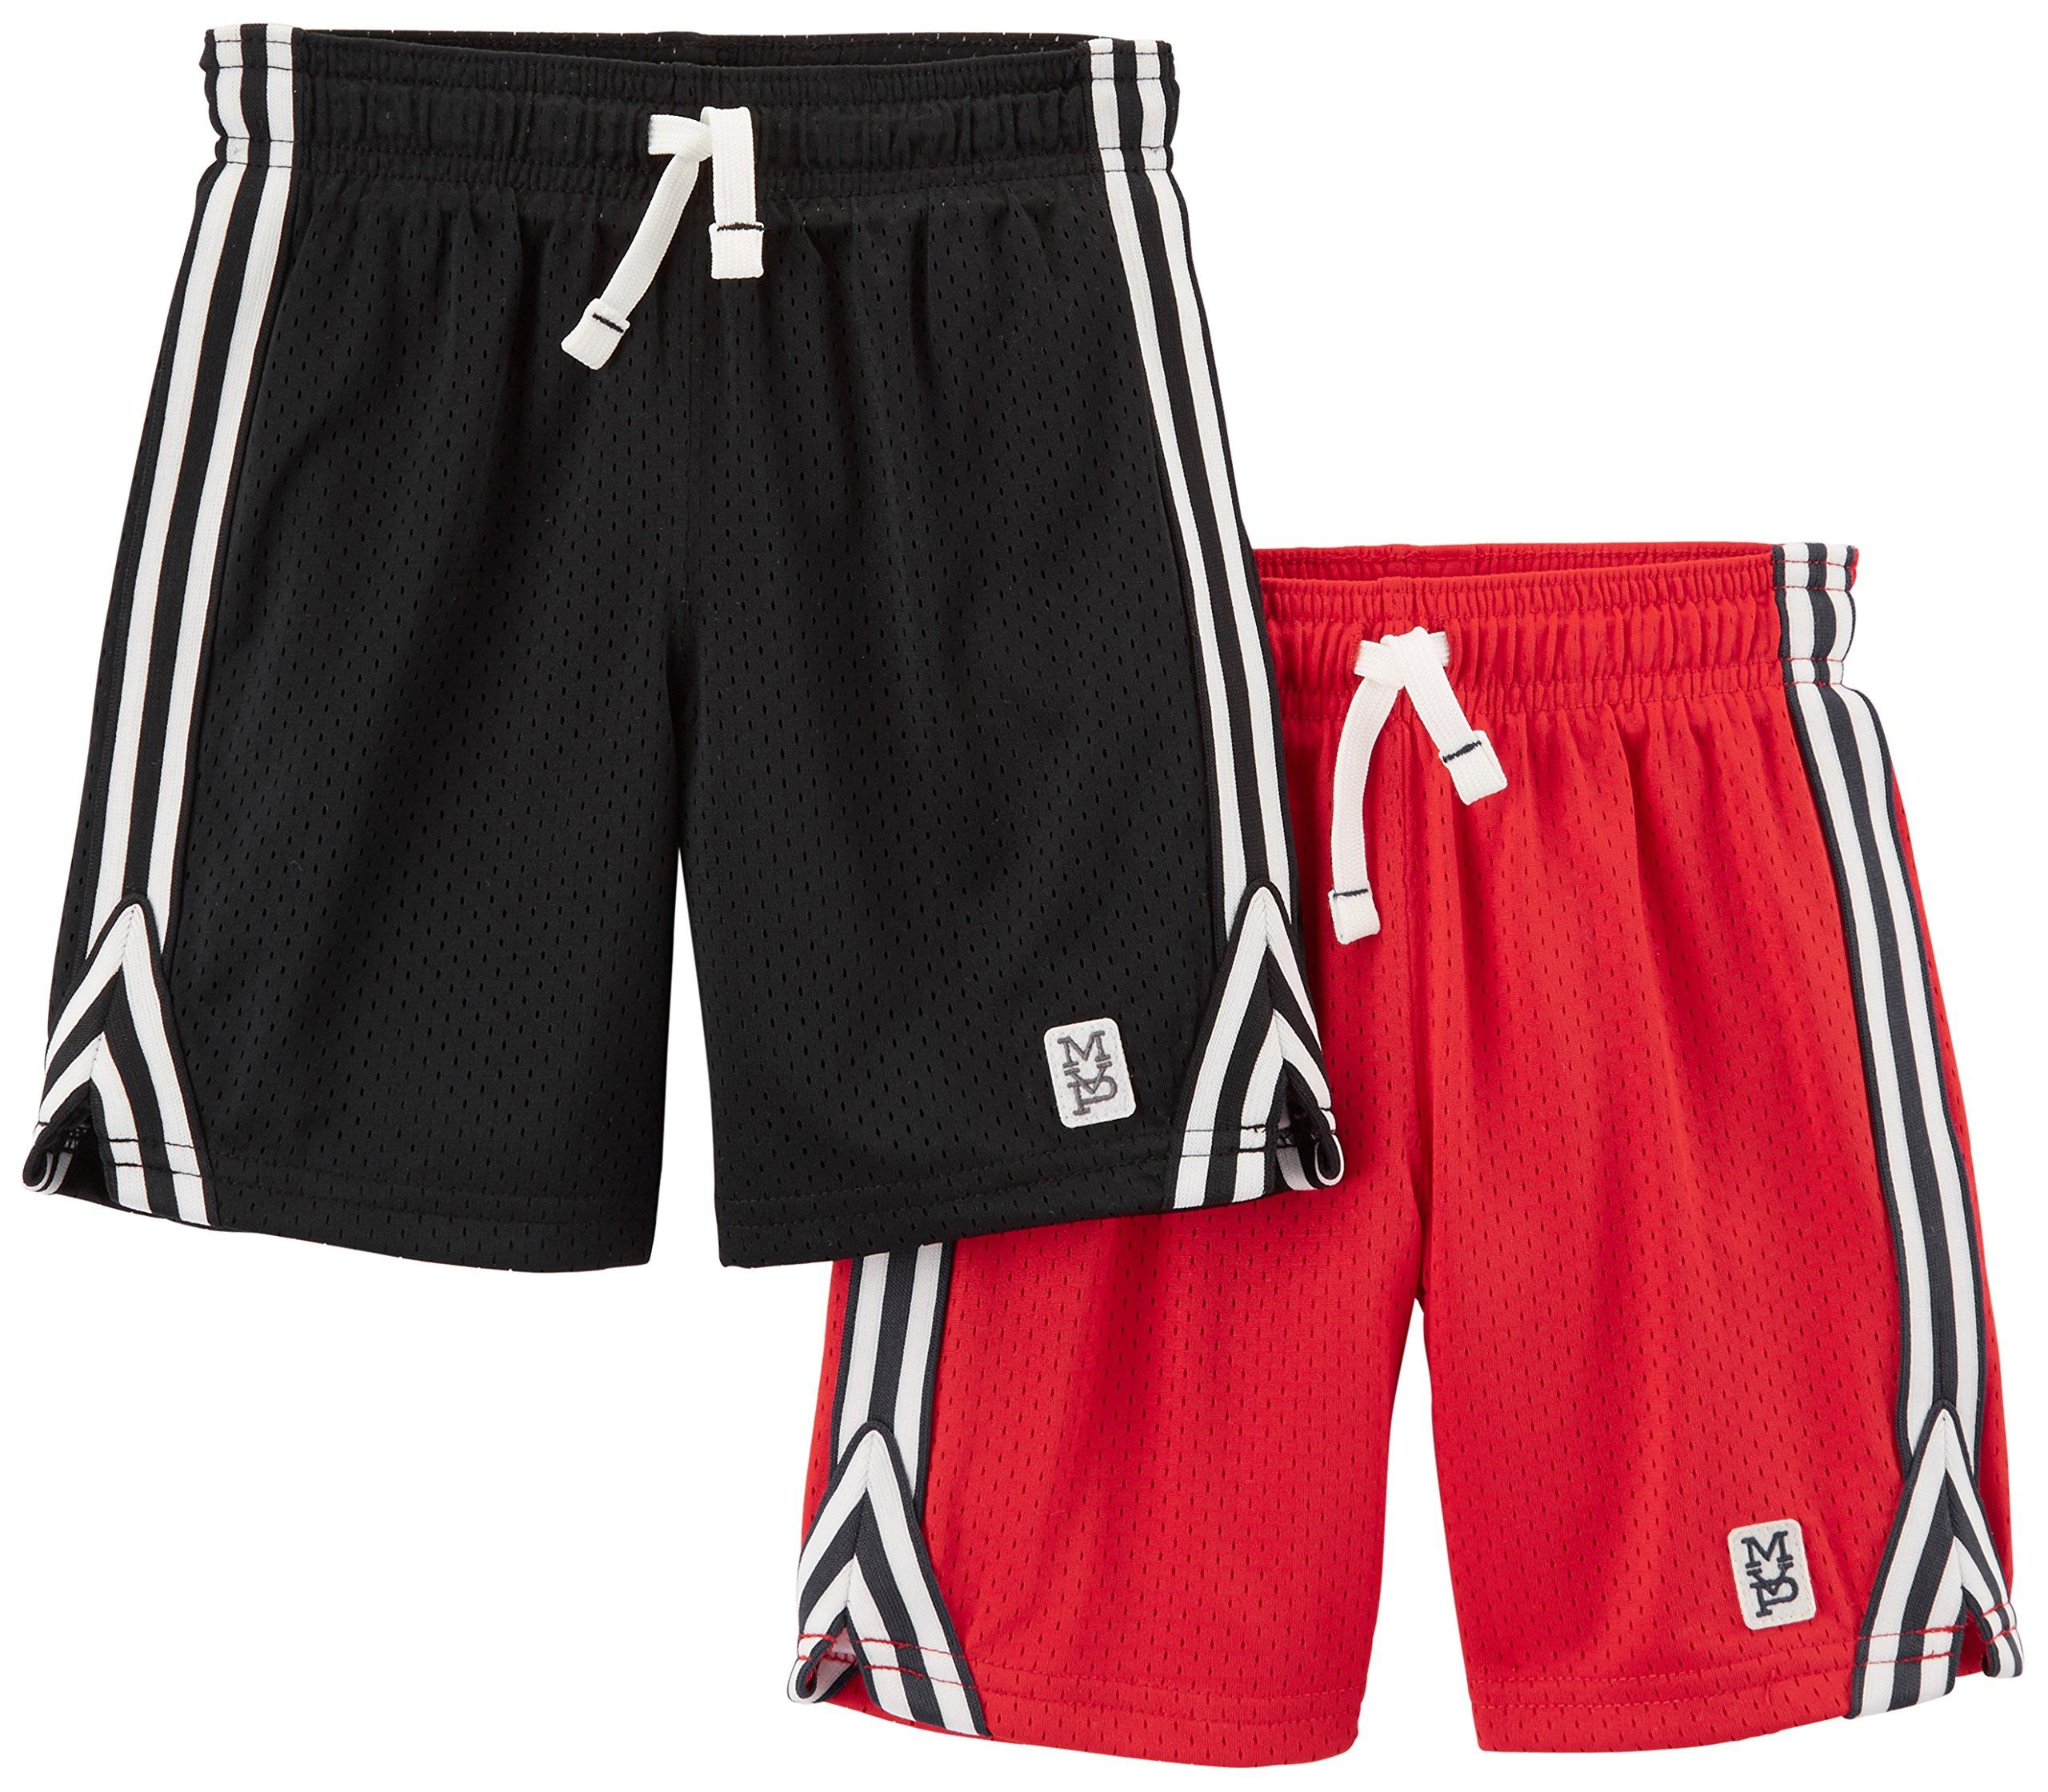 Carter's Boys' Toddler 2-Pack Mesh Short, Red/Black, 3T